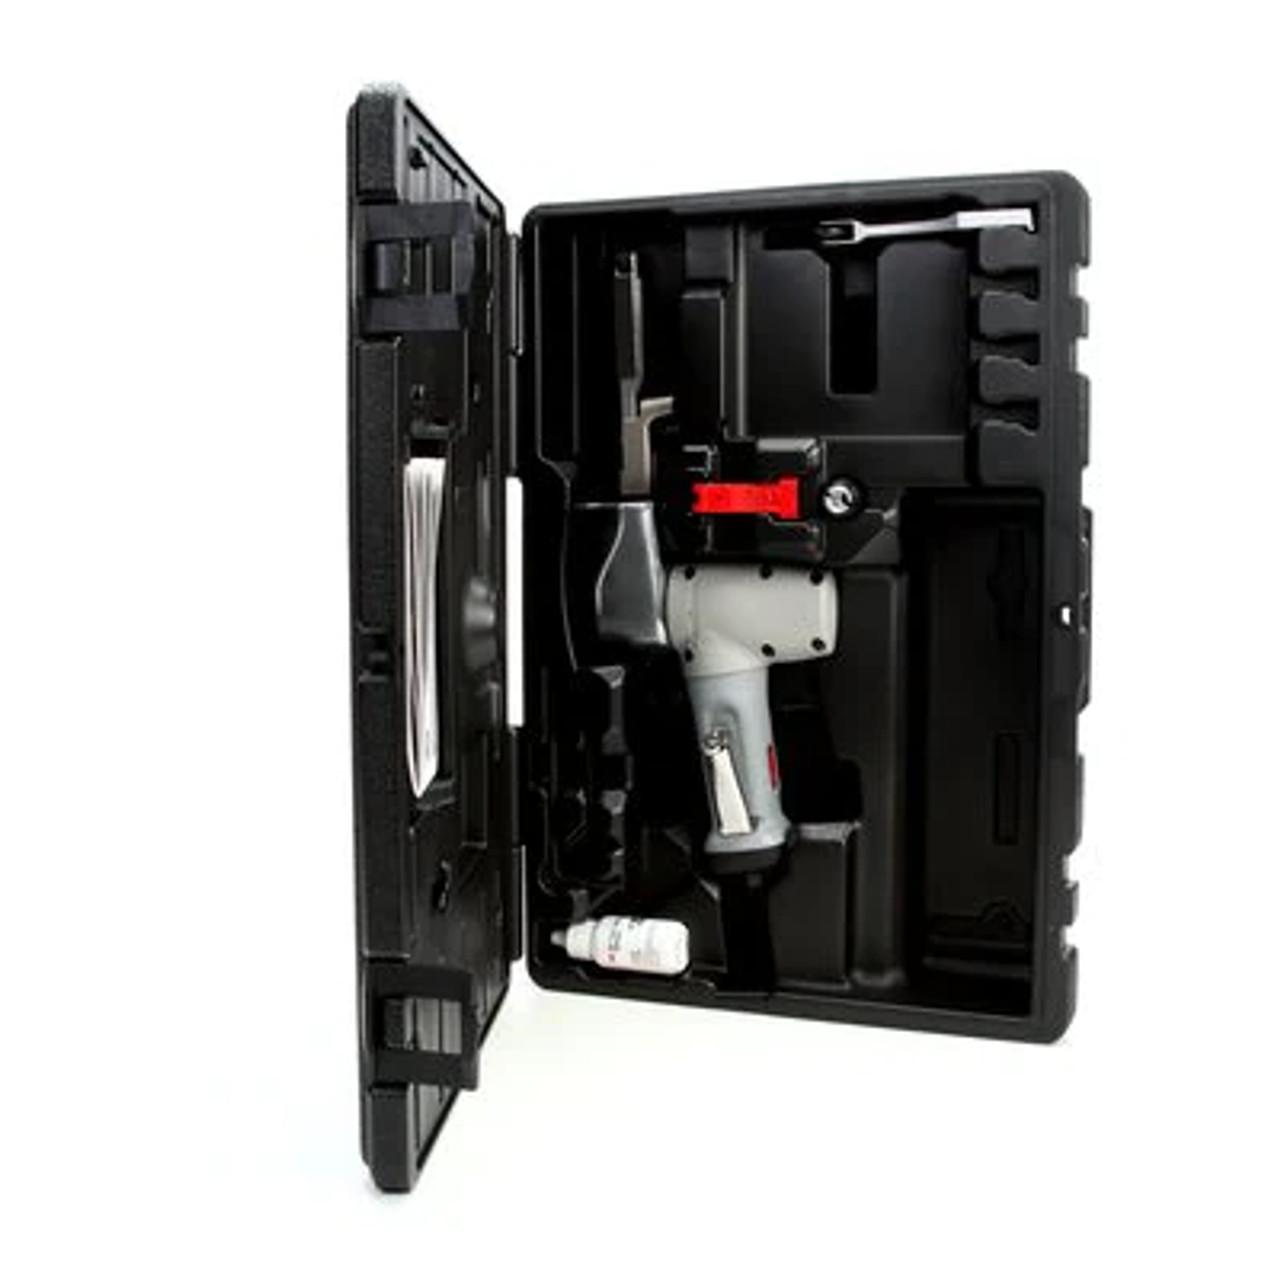 3M™ File Belt Sander Kit 28367, .6 hp